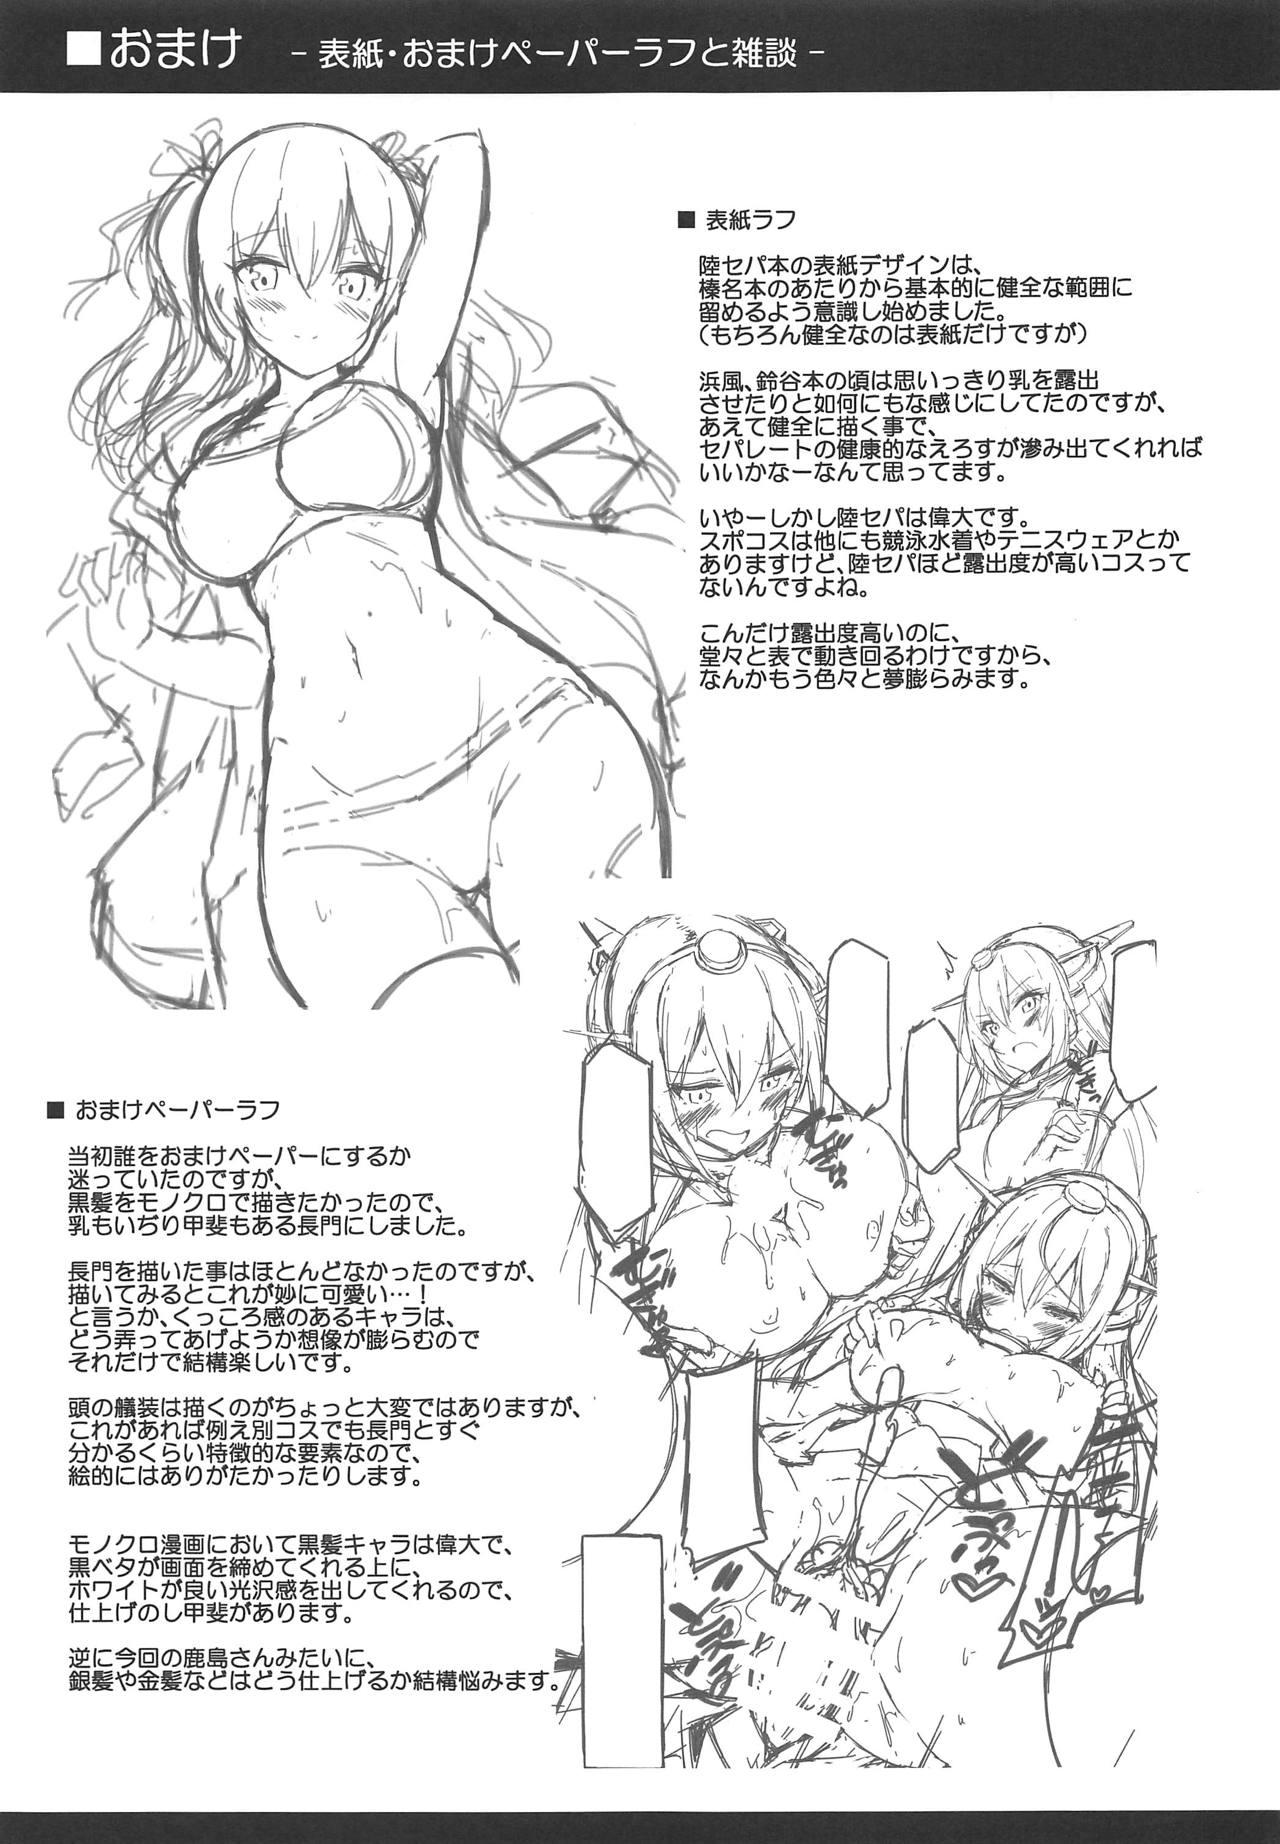 Rikusepa Renshuukan Kashima no Miracle Exercise 19